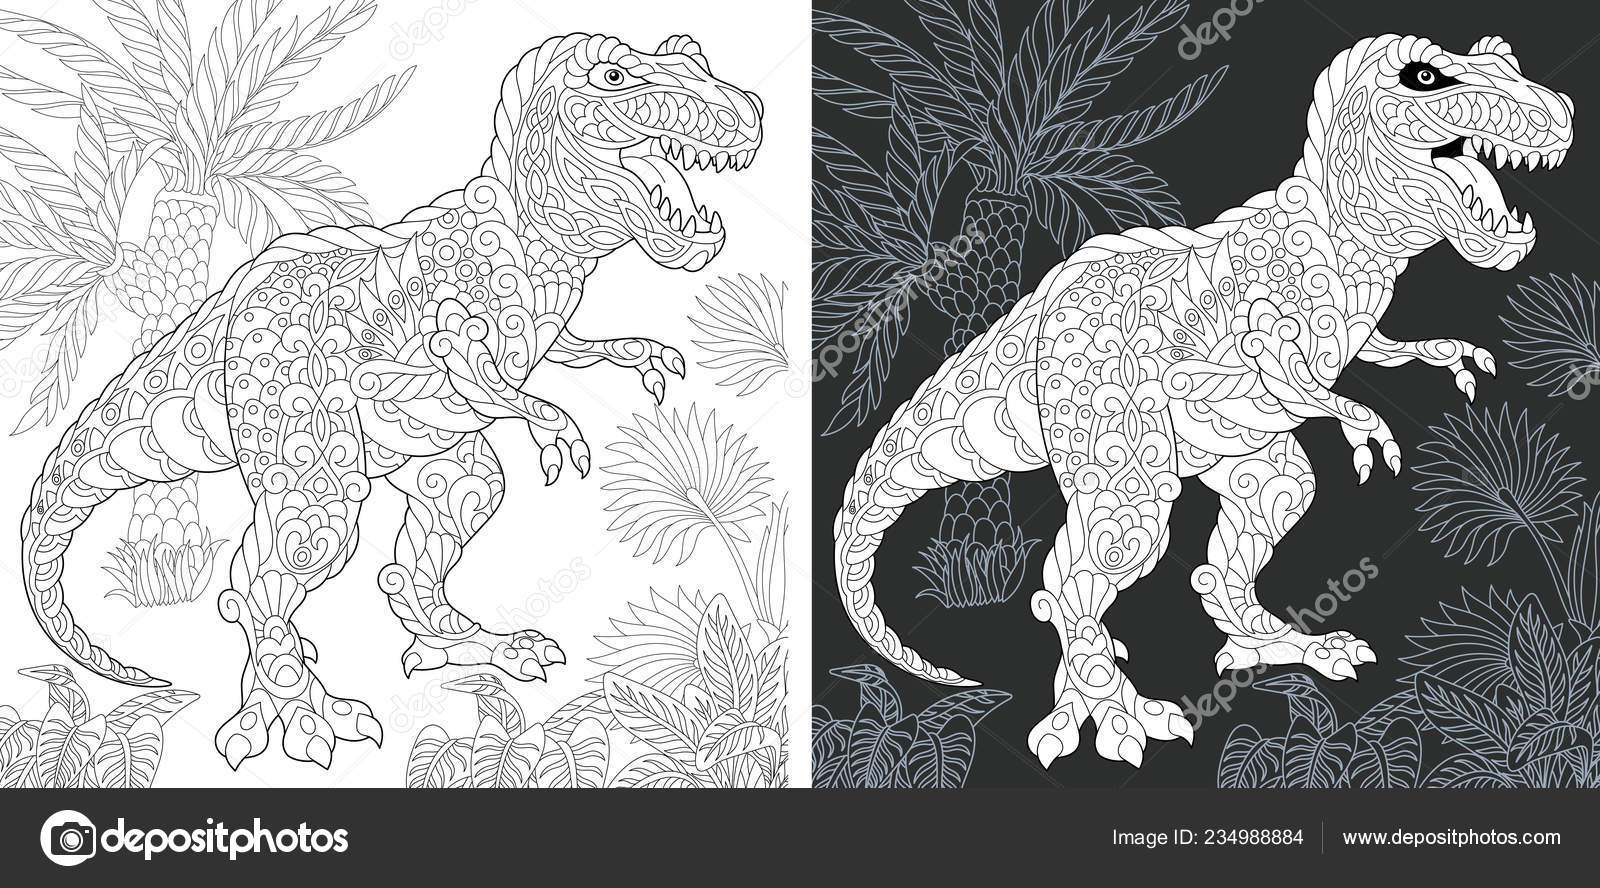 malvorlagen dinosaurier sammlung ausmalbild mit